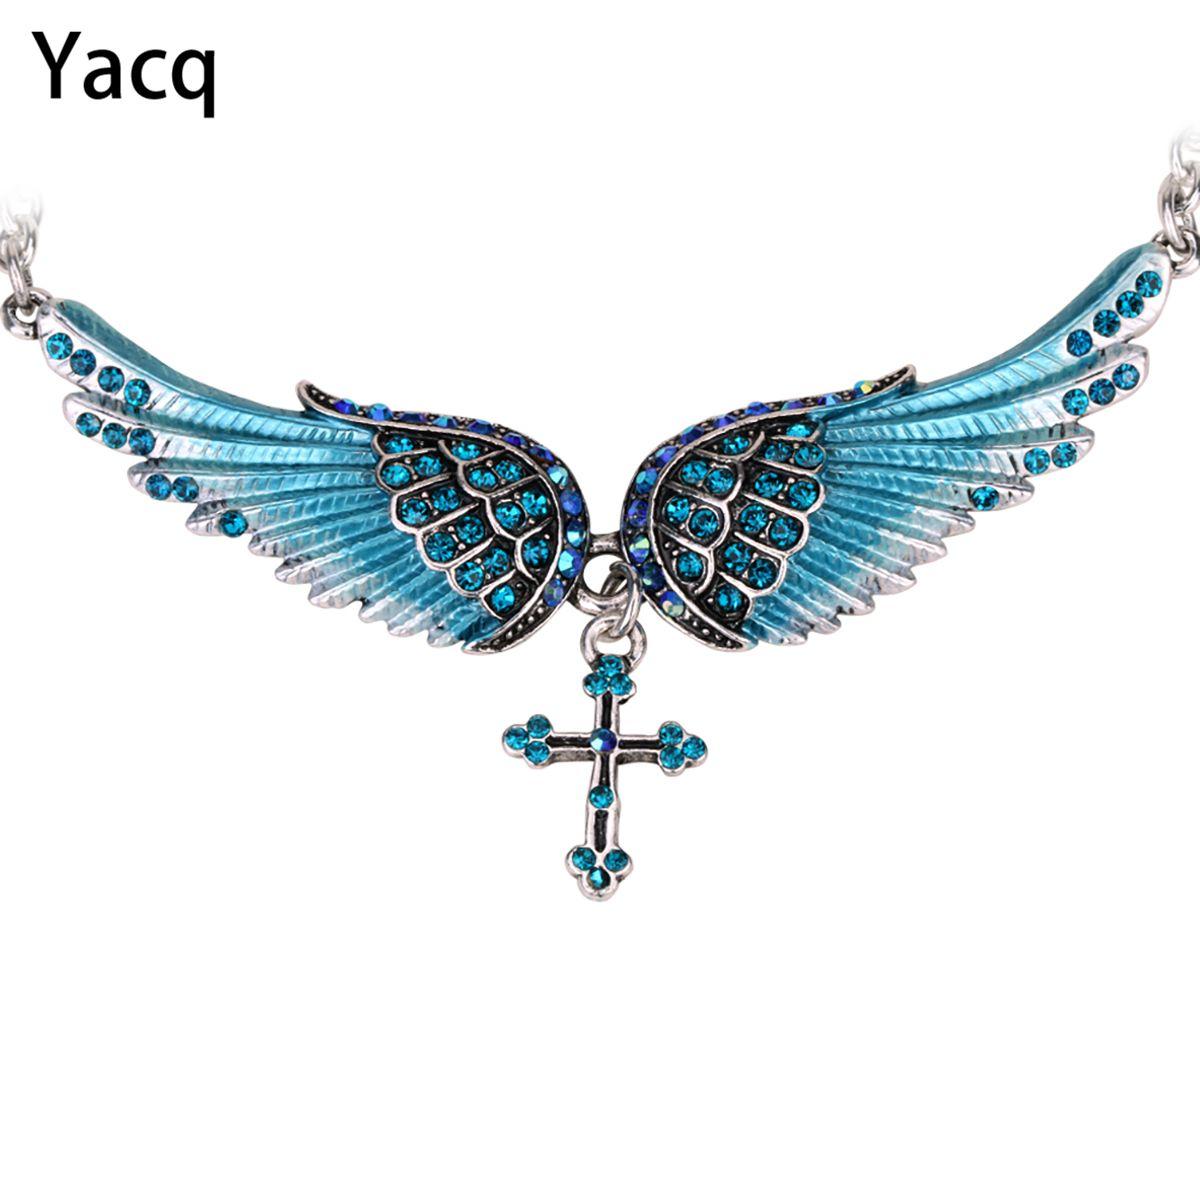 YACQ Ange Aile Croix Collier Ras Du Cou Gardien Femmes Motard Bijoux En Cristal Cadeaux Sa Fille Argent Couleur NC01 Dropshipping (18 + 2)